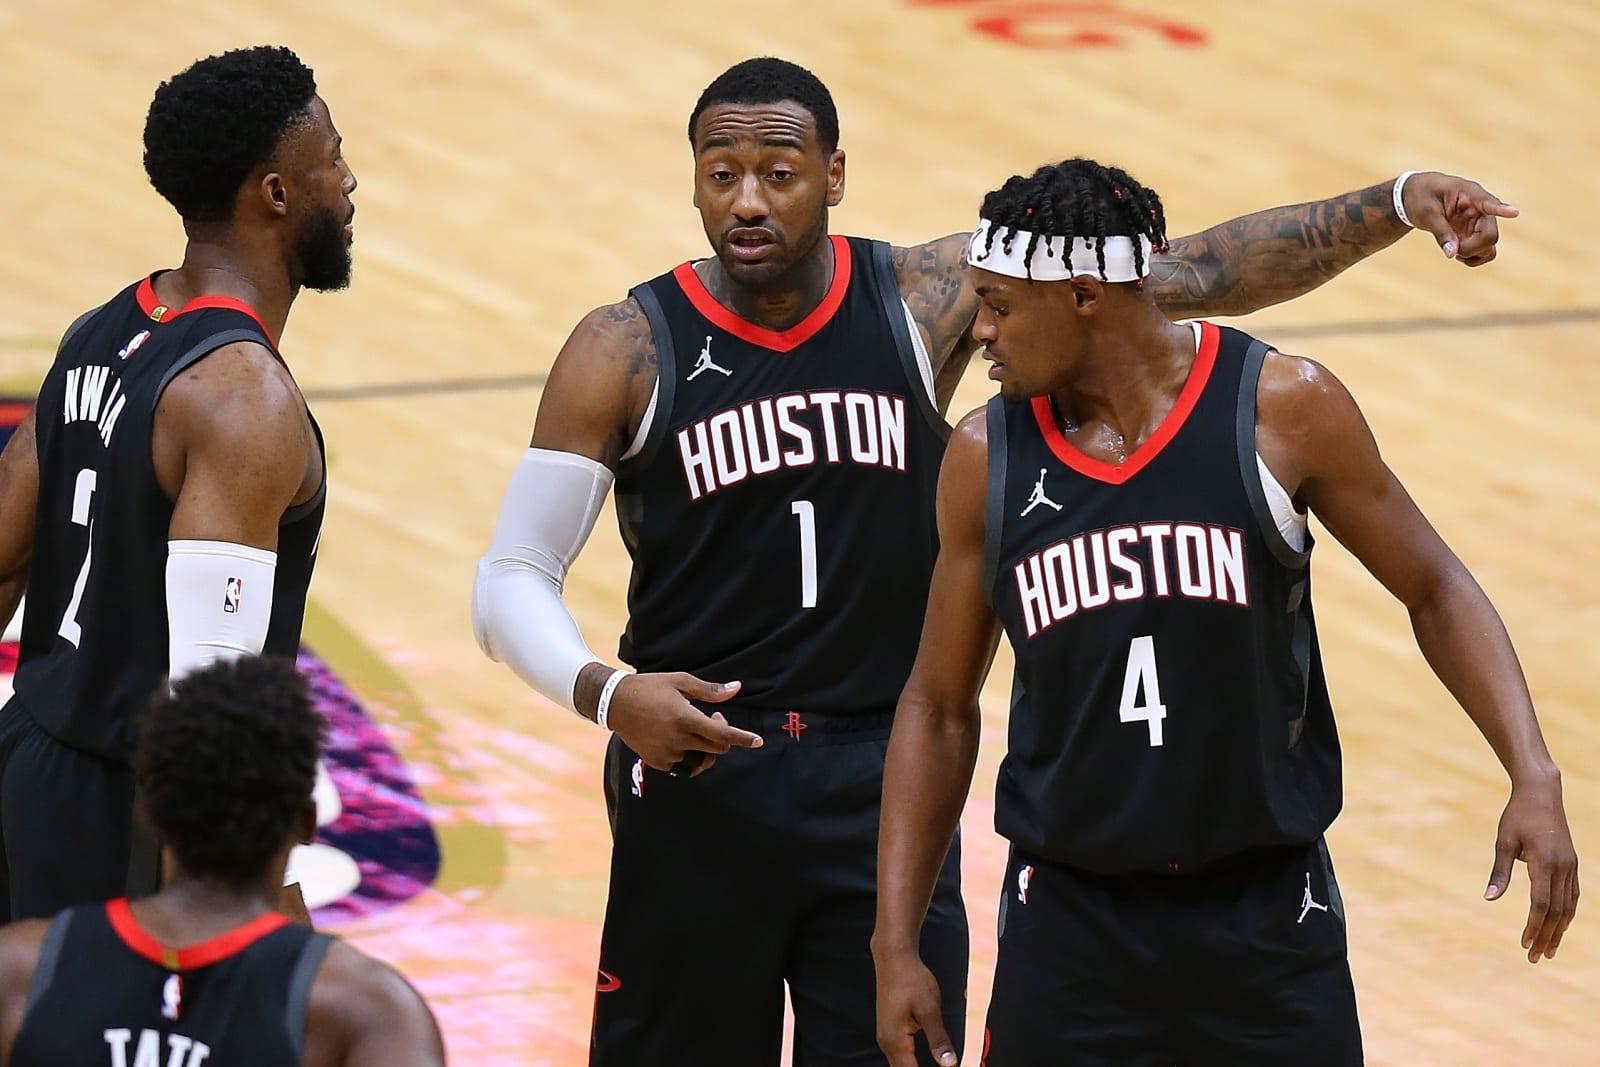 Houston Rockets vs. Memphis Grizzlies 02-05-2021 pronosticos y prediccion,  cuotas para apostar en vivo - ScoresAndStats.com/ES